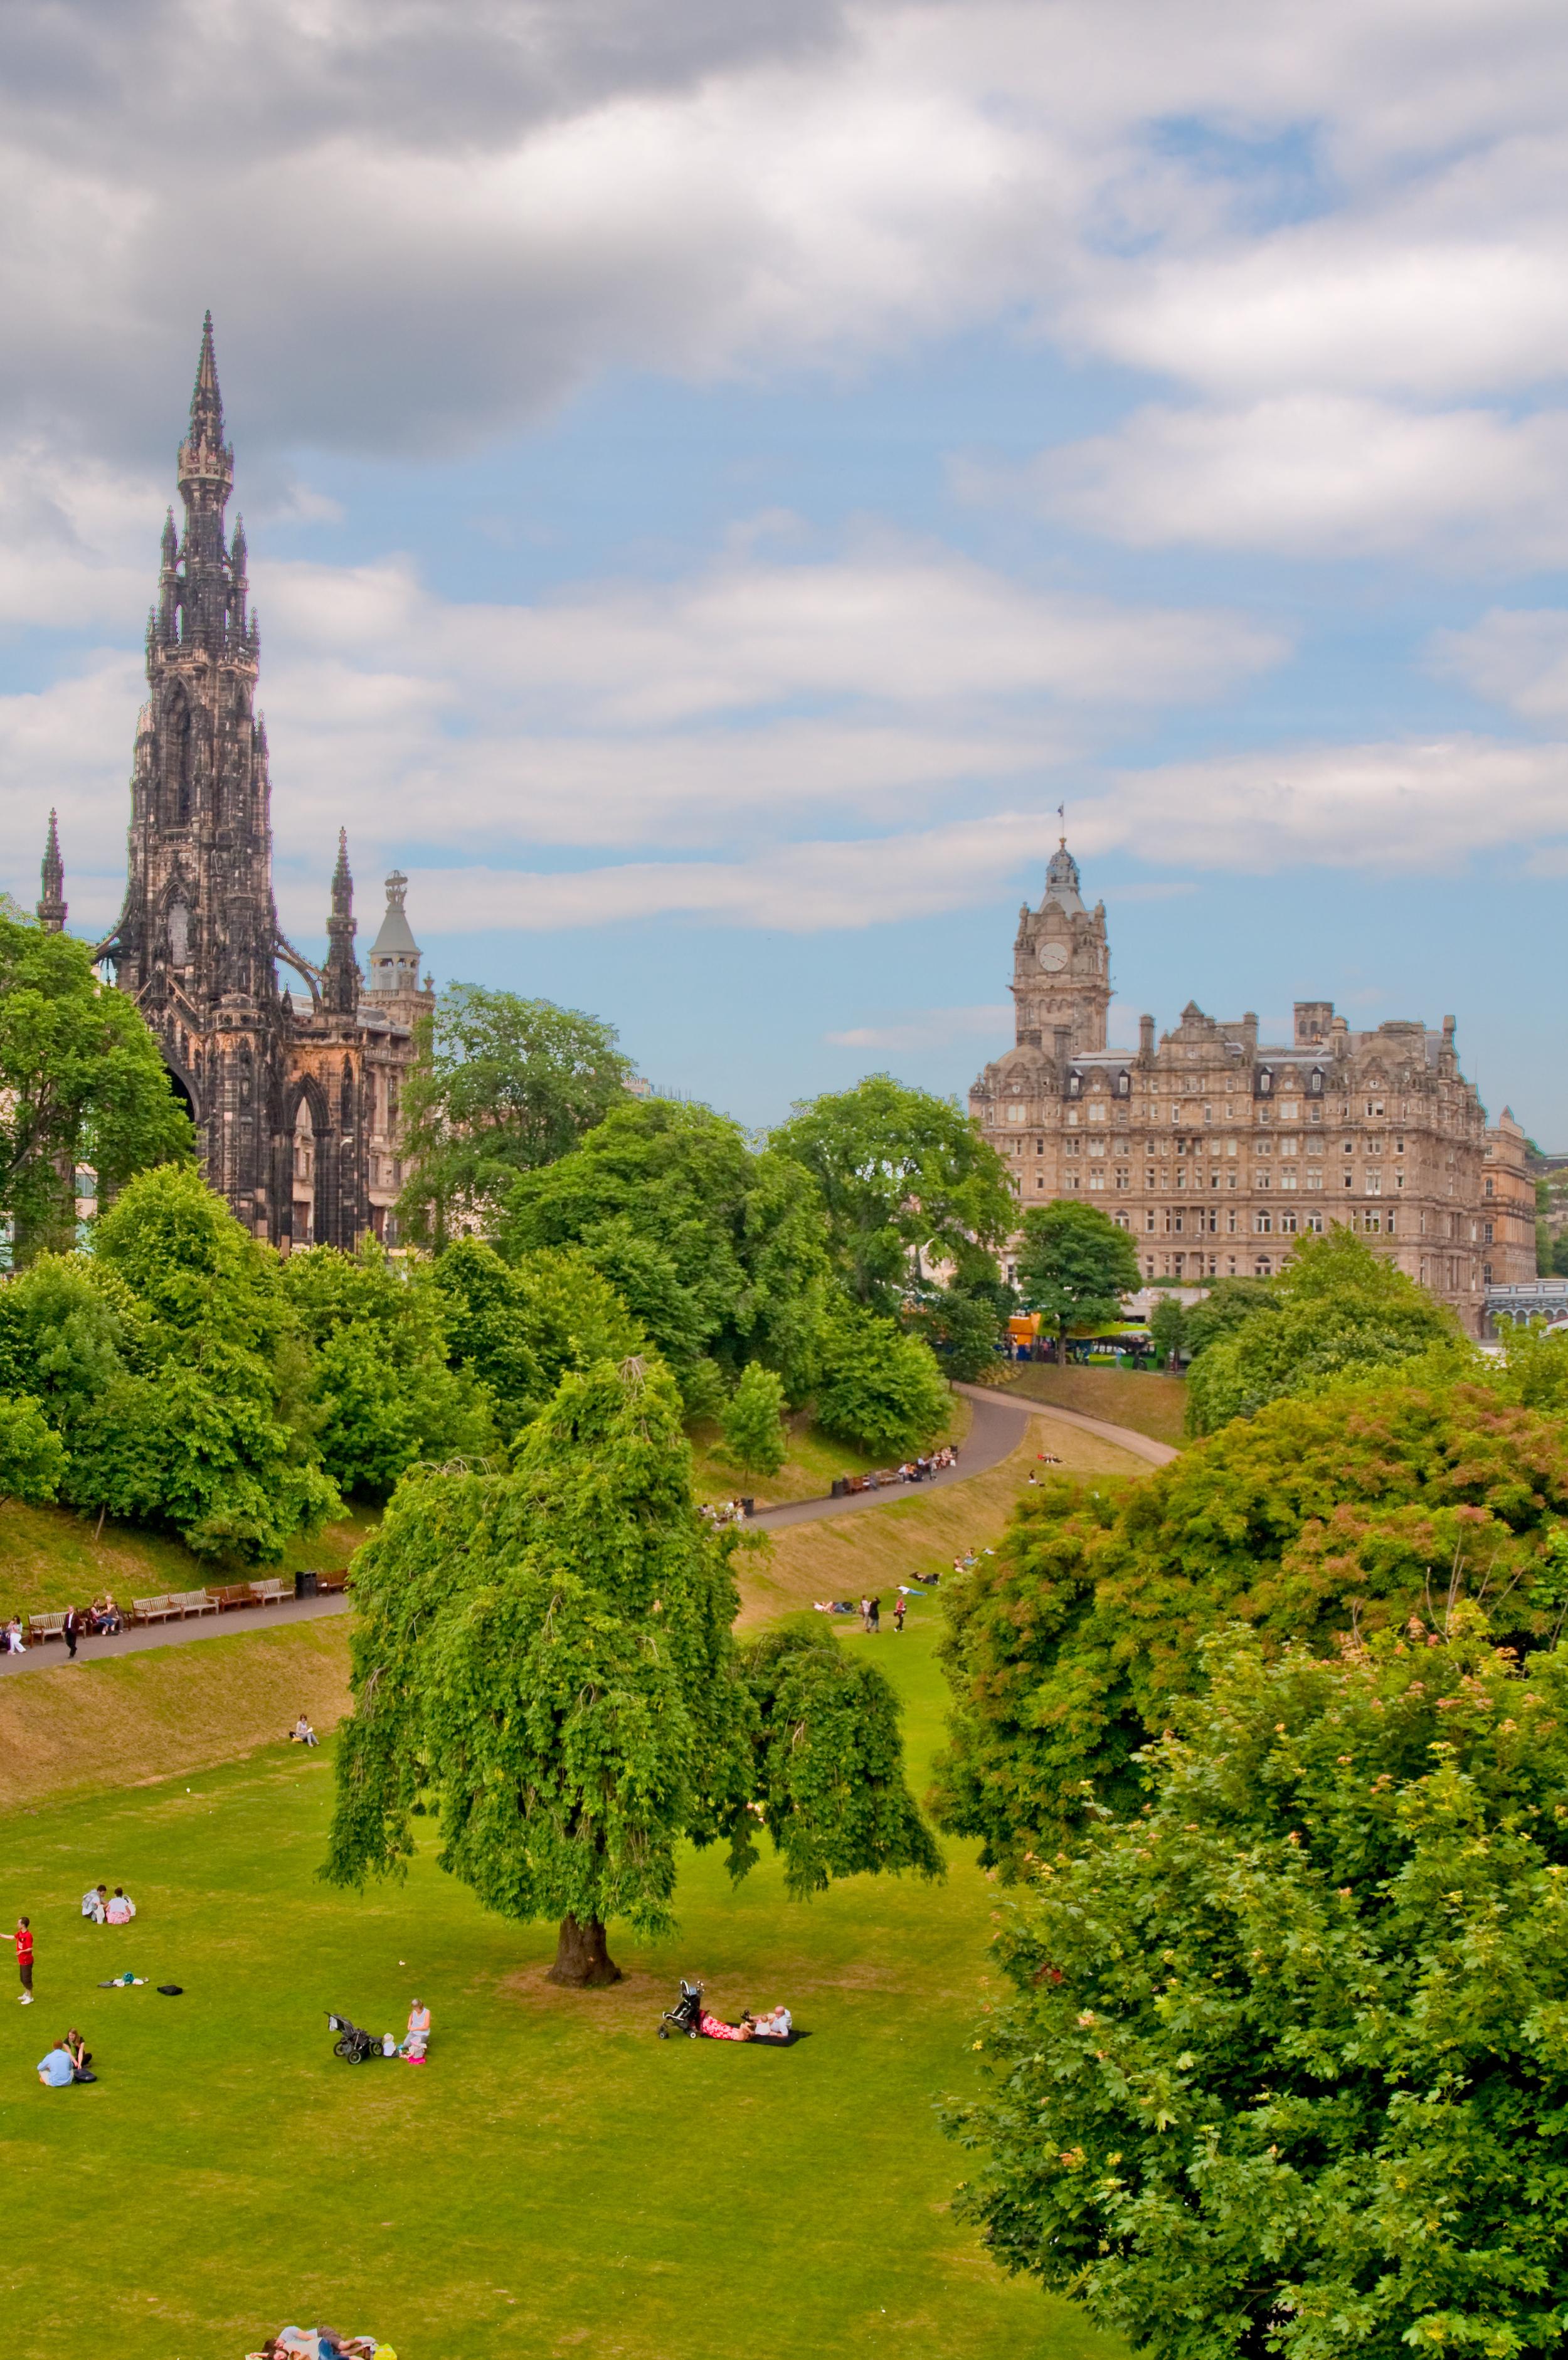 Vermeer_TheVermeerJump_Edinburgh_7769.jpg